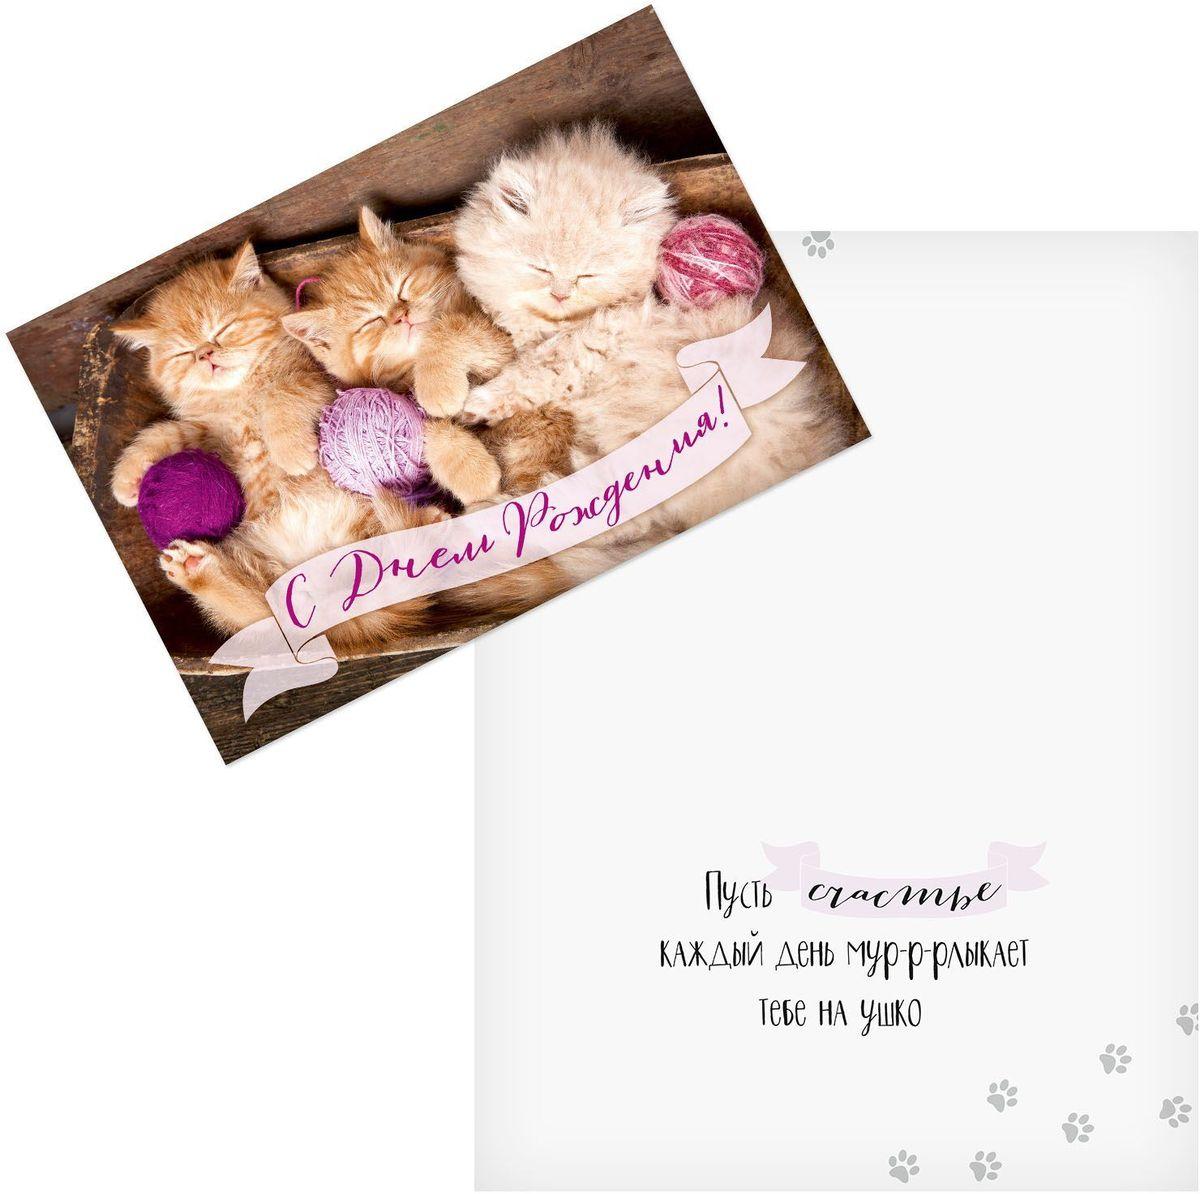 Открытка Дарите cчастье С Днем Рождения. Котята, 12 х 18 см открытка дарите cчастье для тебя в день рождения